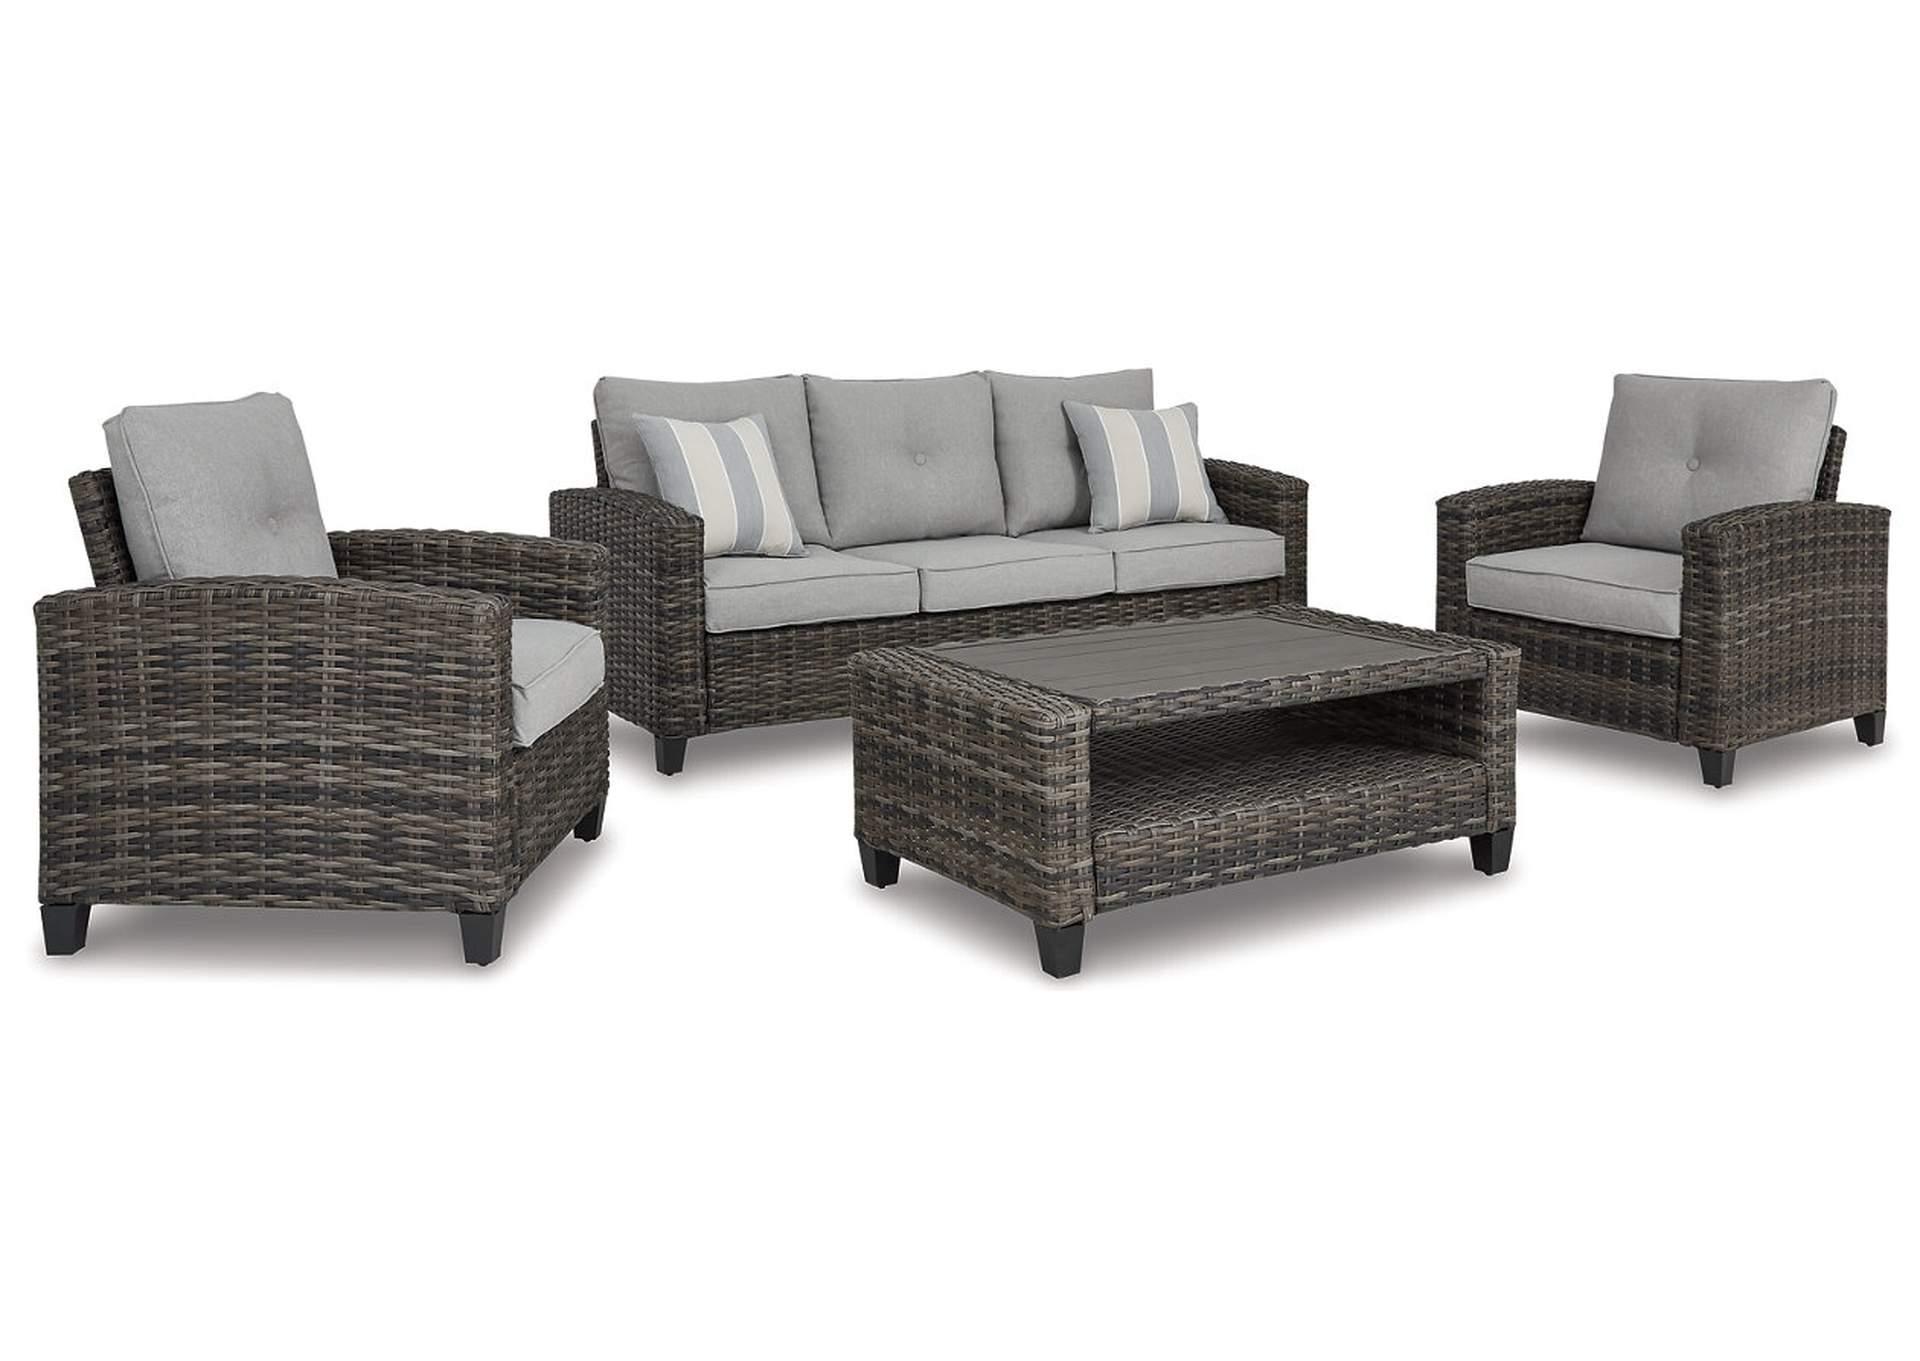 Juego de sala Cloverbrooke de sofá de tres plazas, 2 sillones y una mesa (Set de 4)